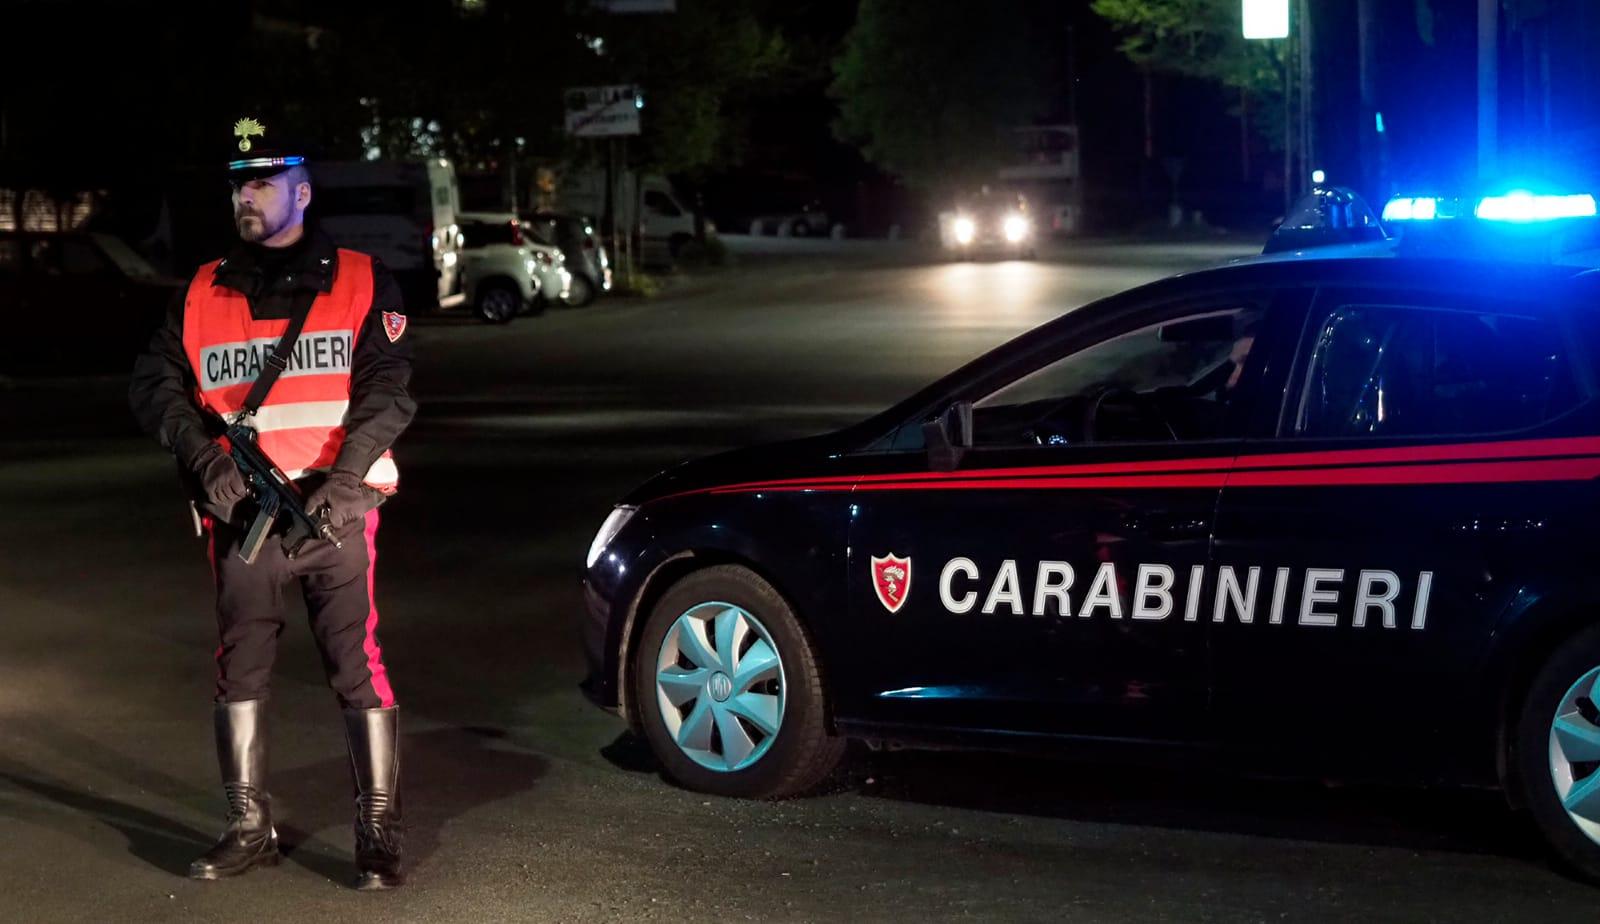 Controlli straordinari dei Carabinieri: 2 arresti e 7 denunce